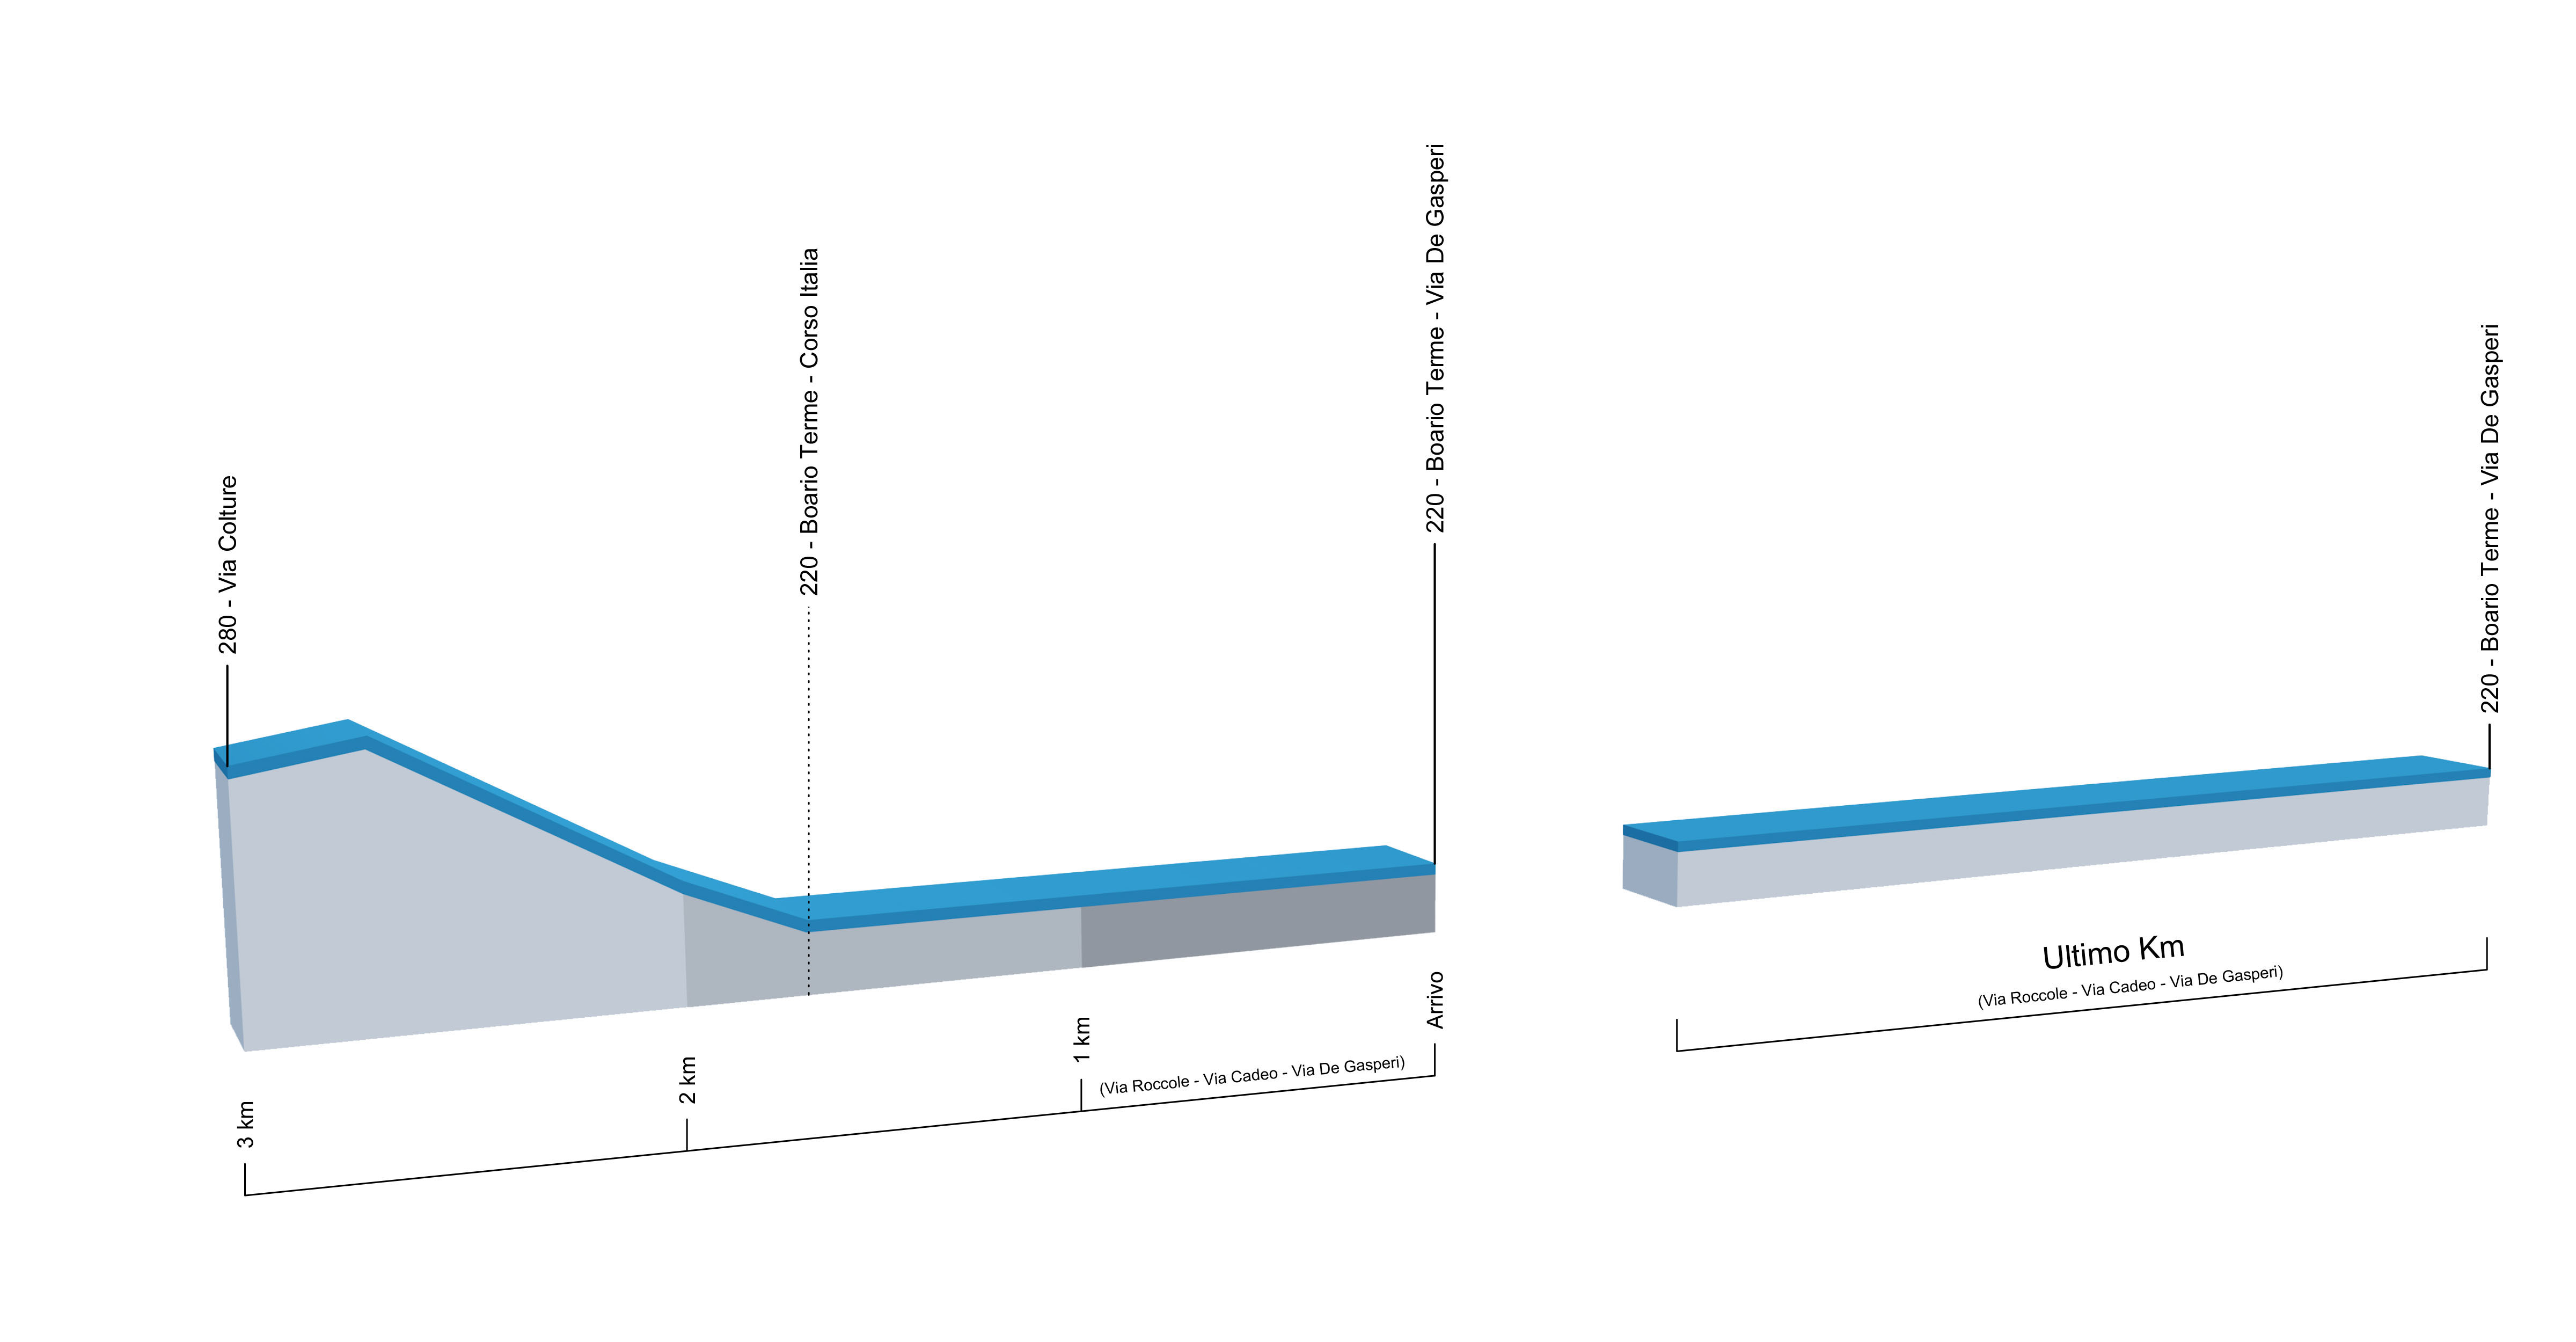 Campionati italiani ciclismo 2016 3d ultimi km